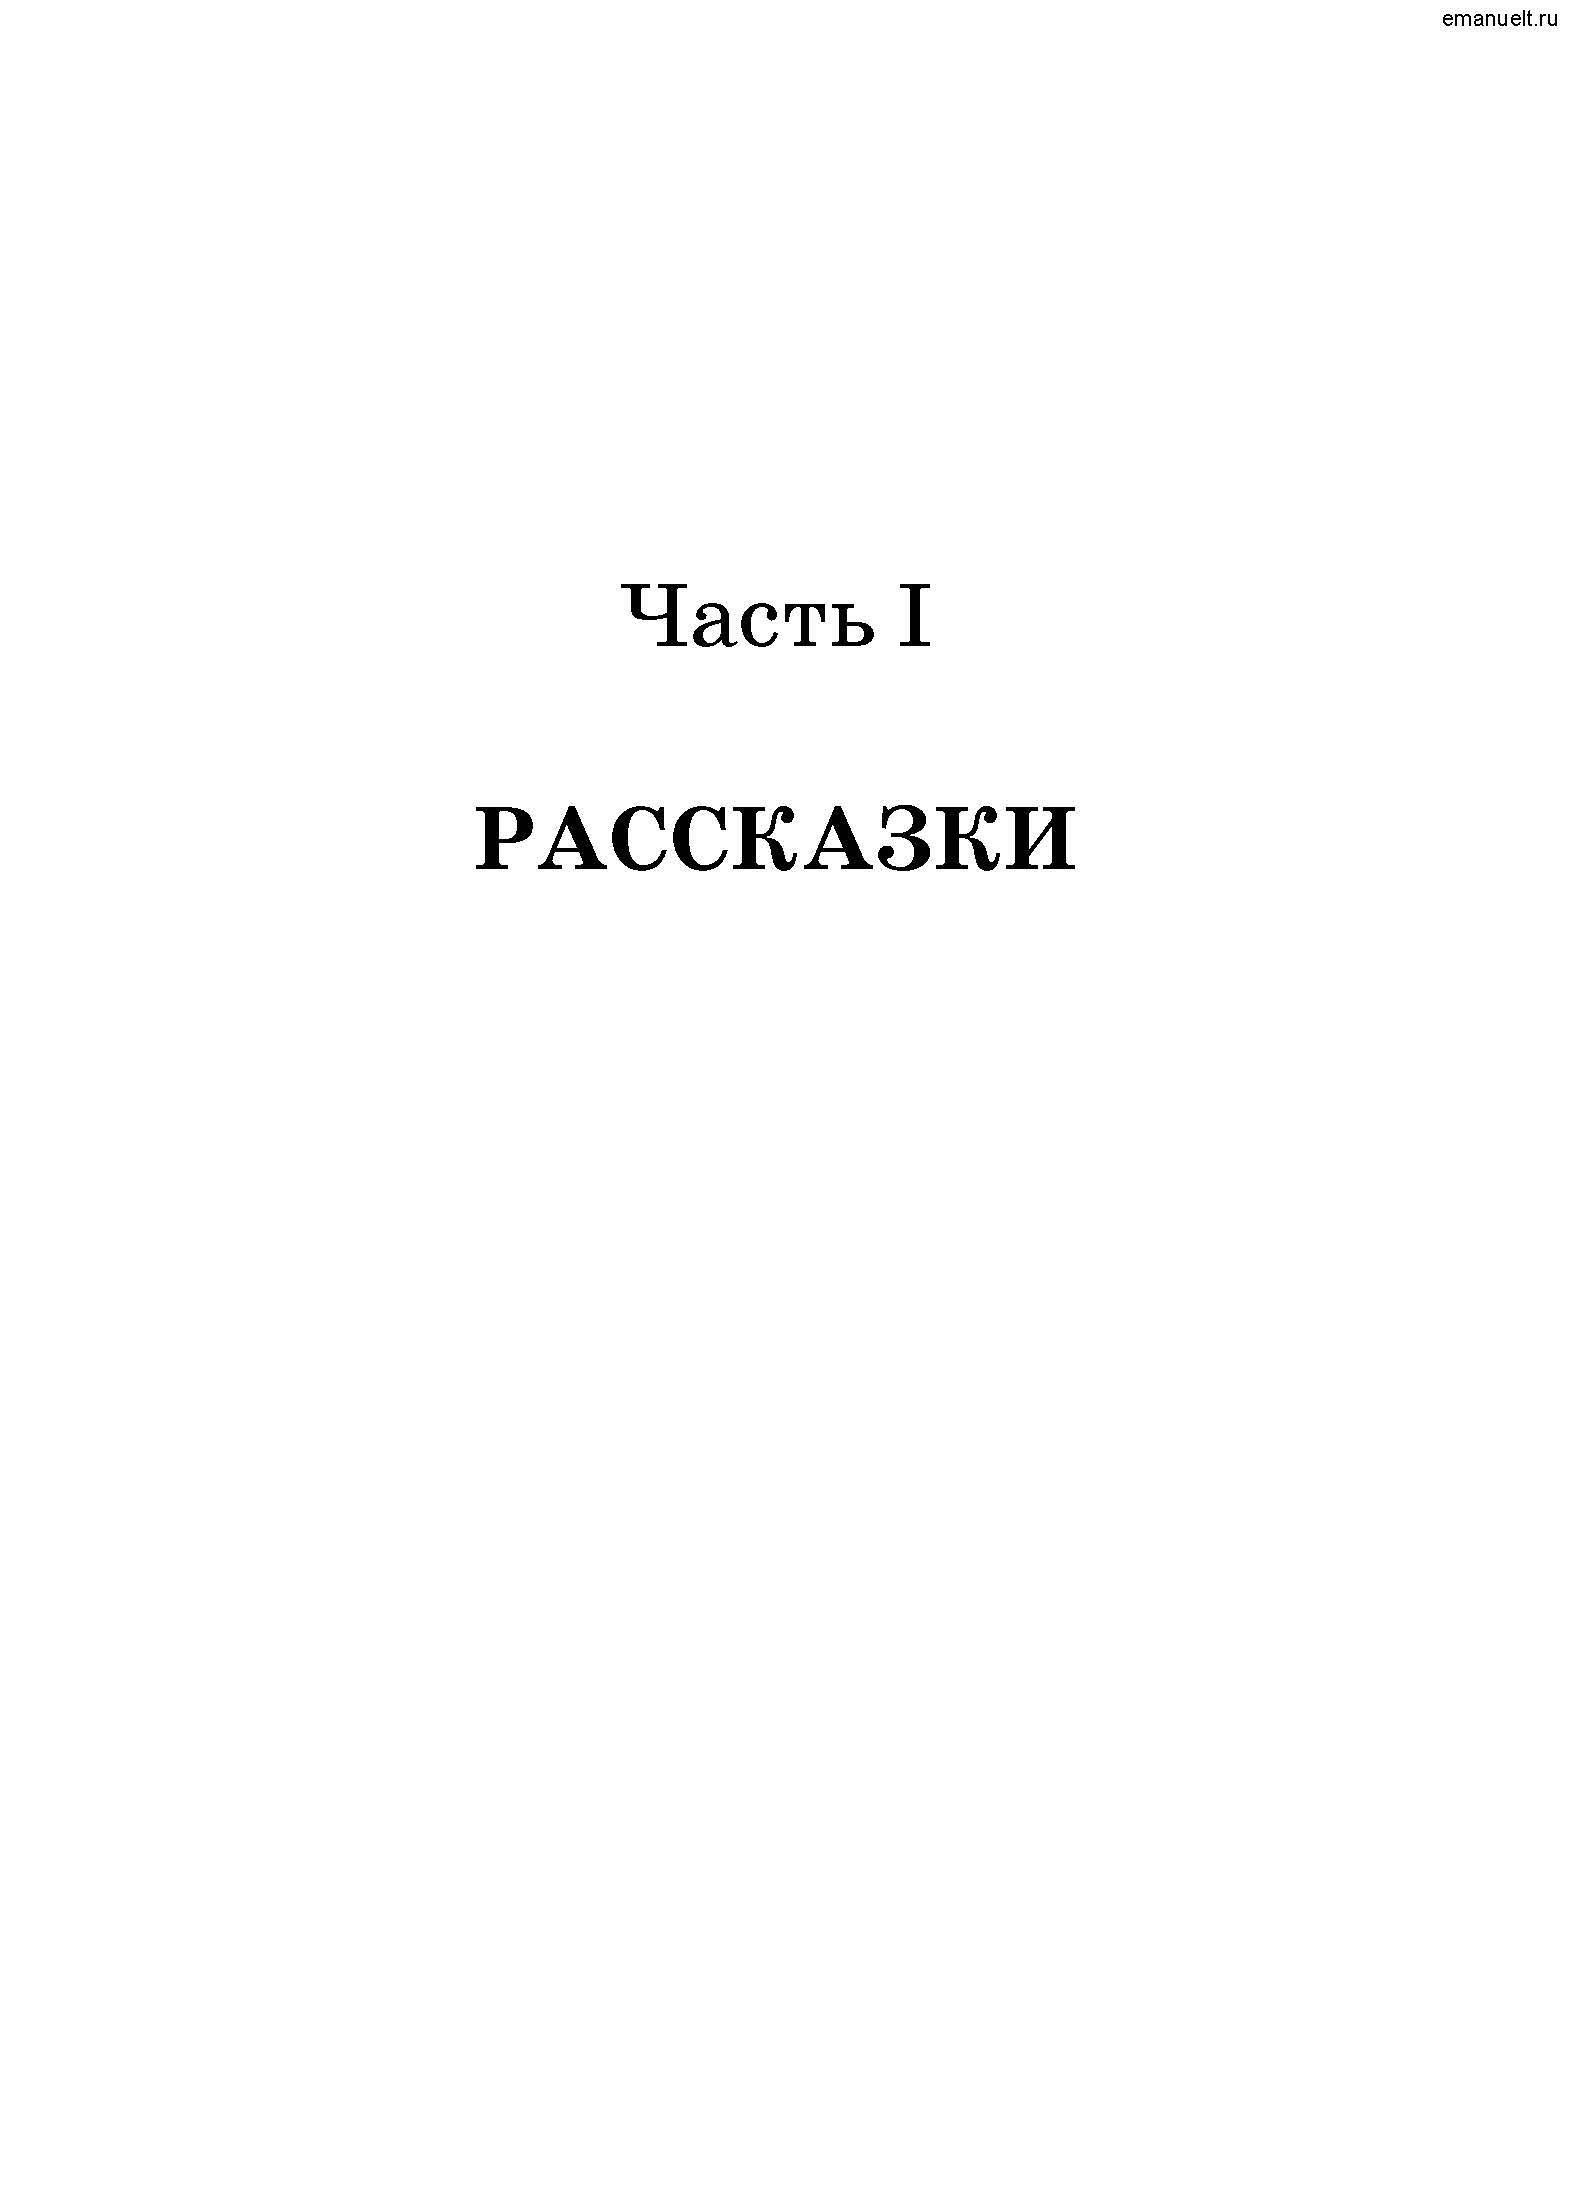 Рассказки в заданиях. emanuelt.ru_Страница_006